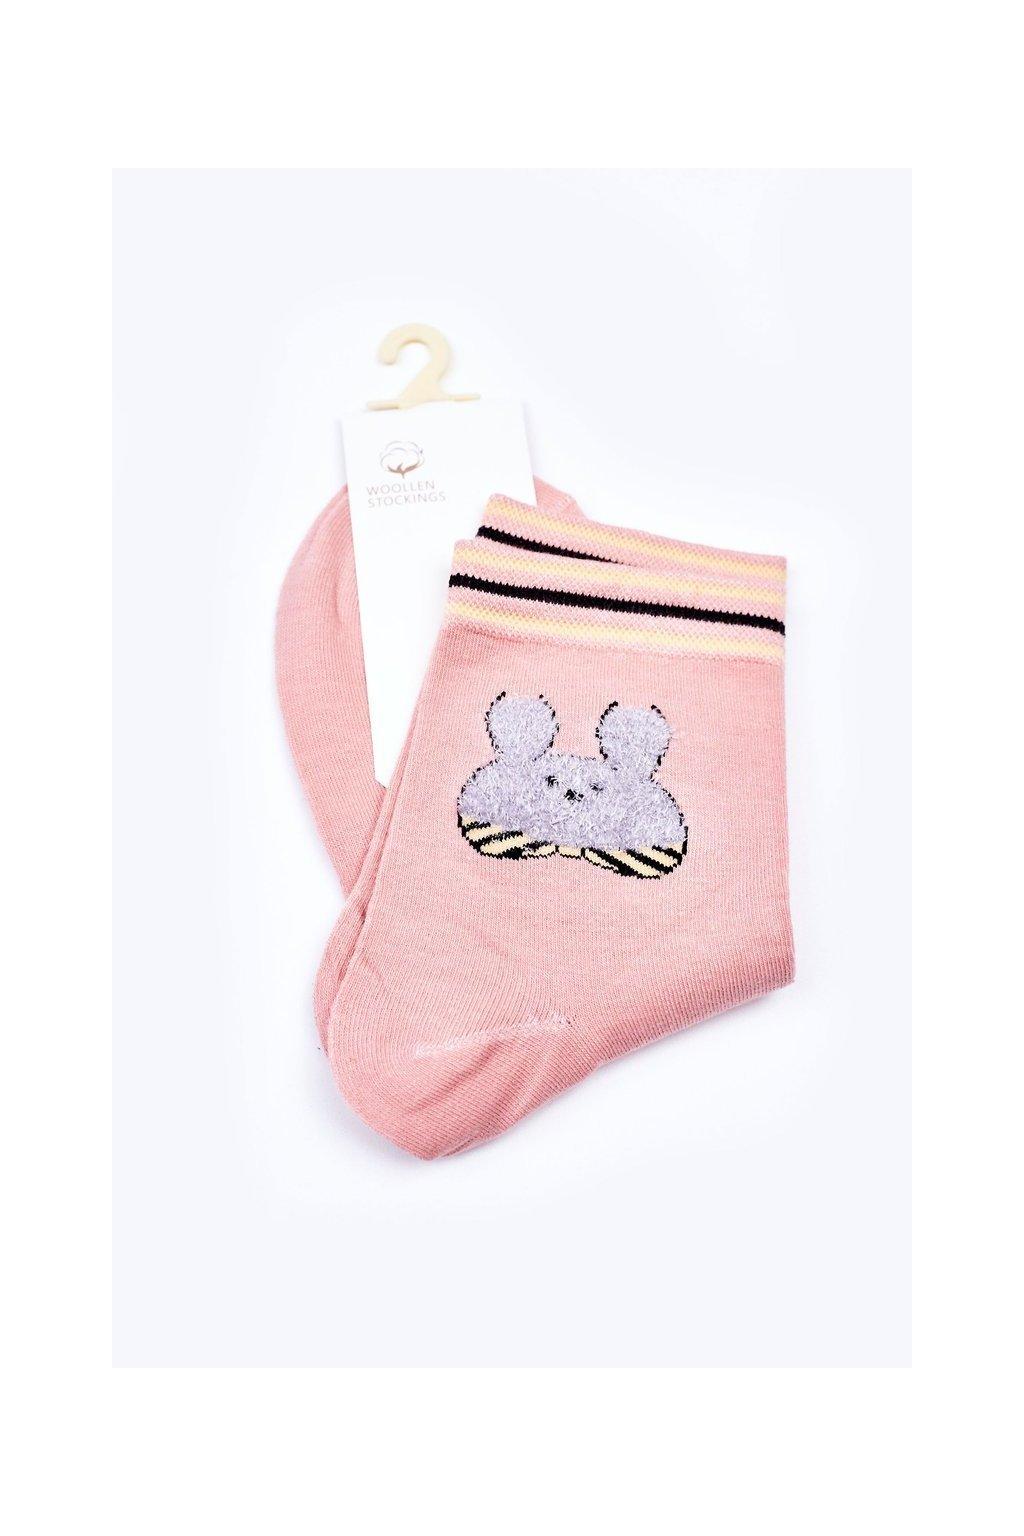 Dámske ponožky farba ružová kód LM13-6 PINK